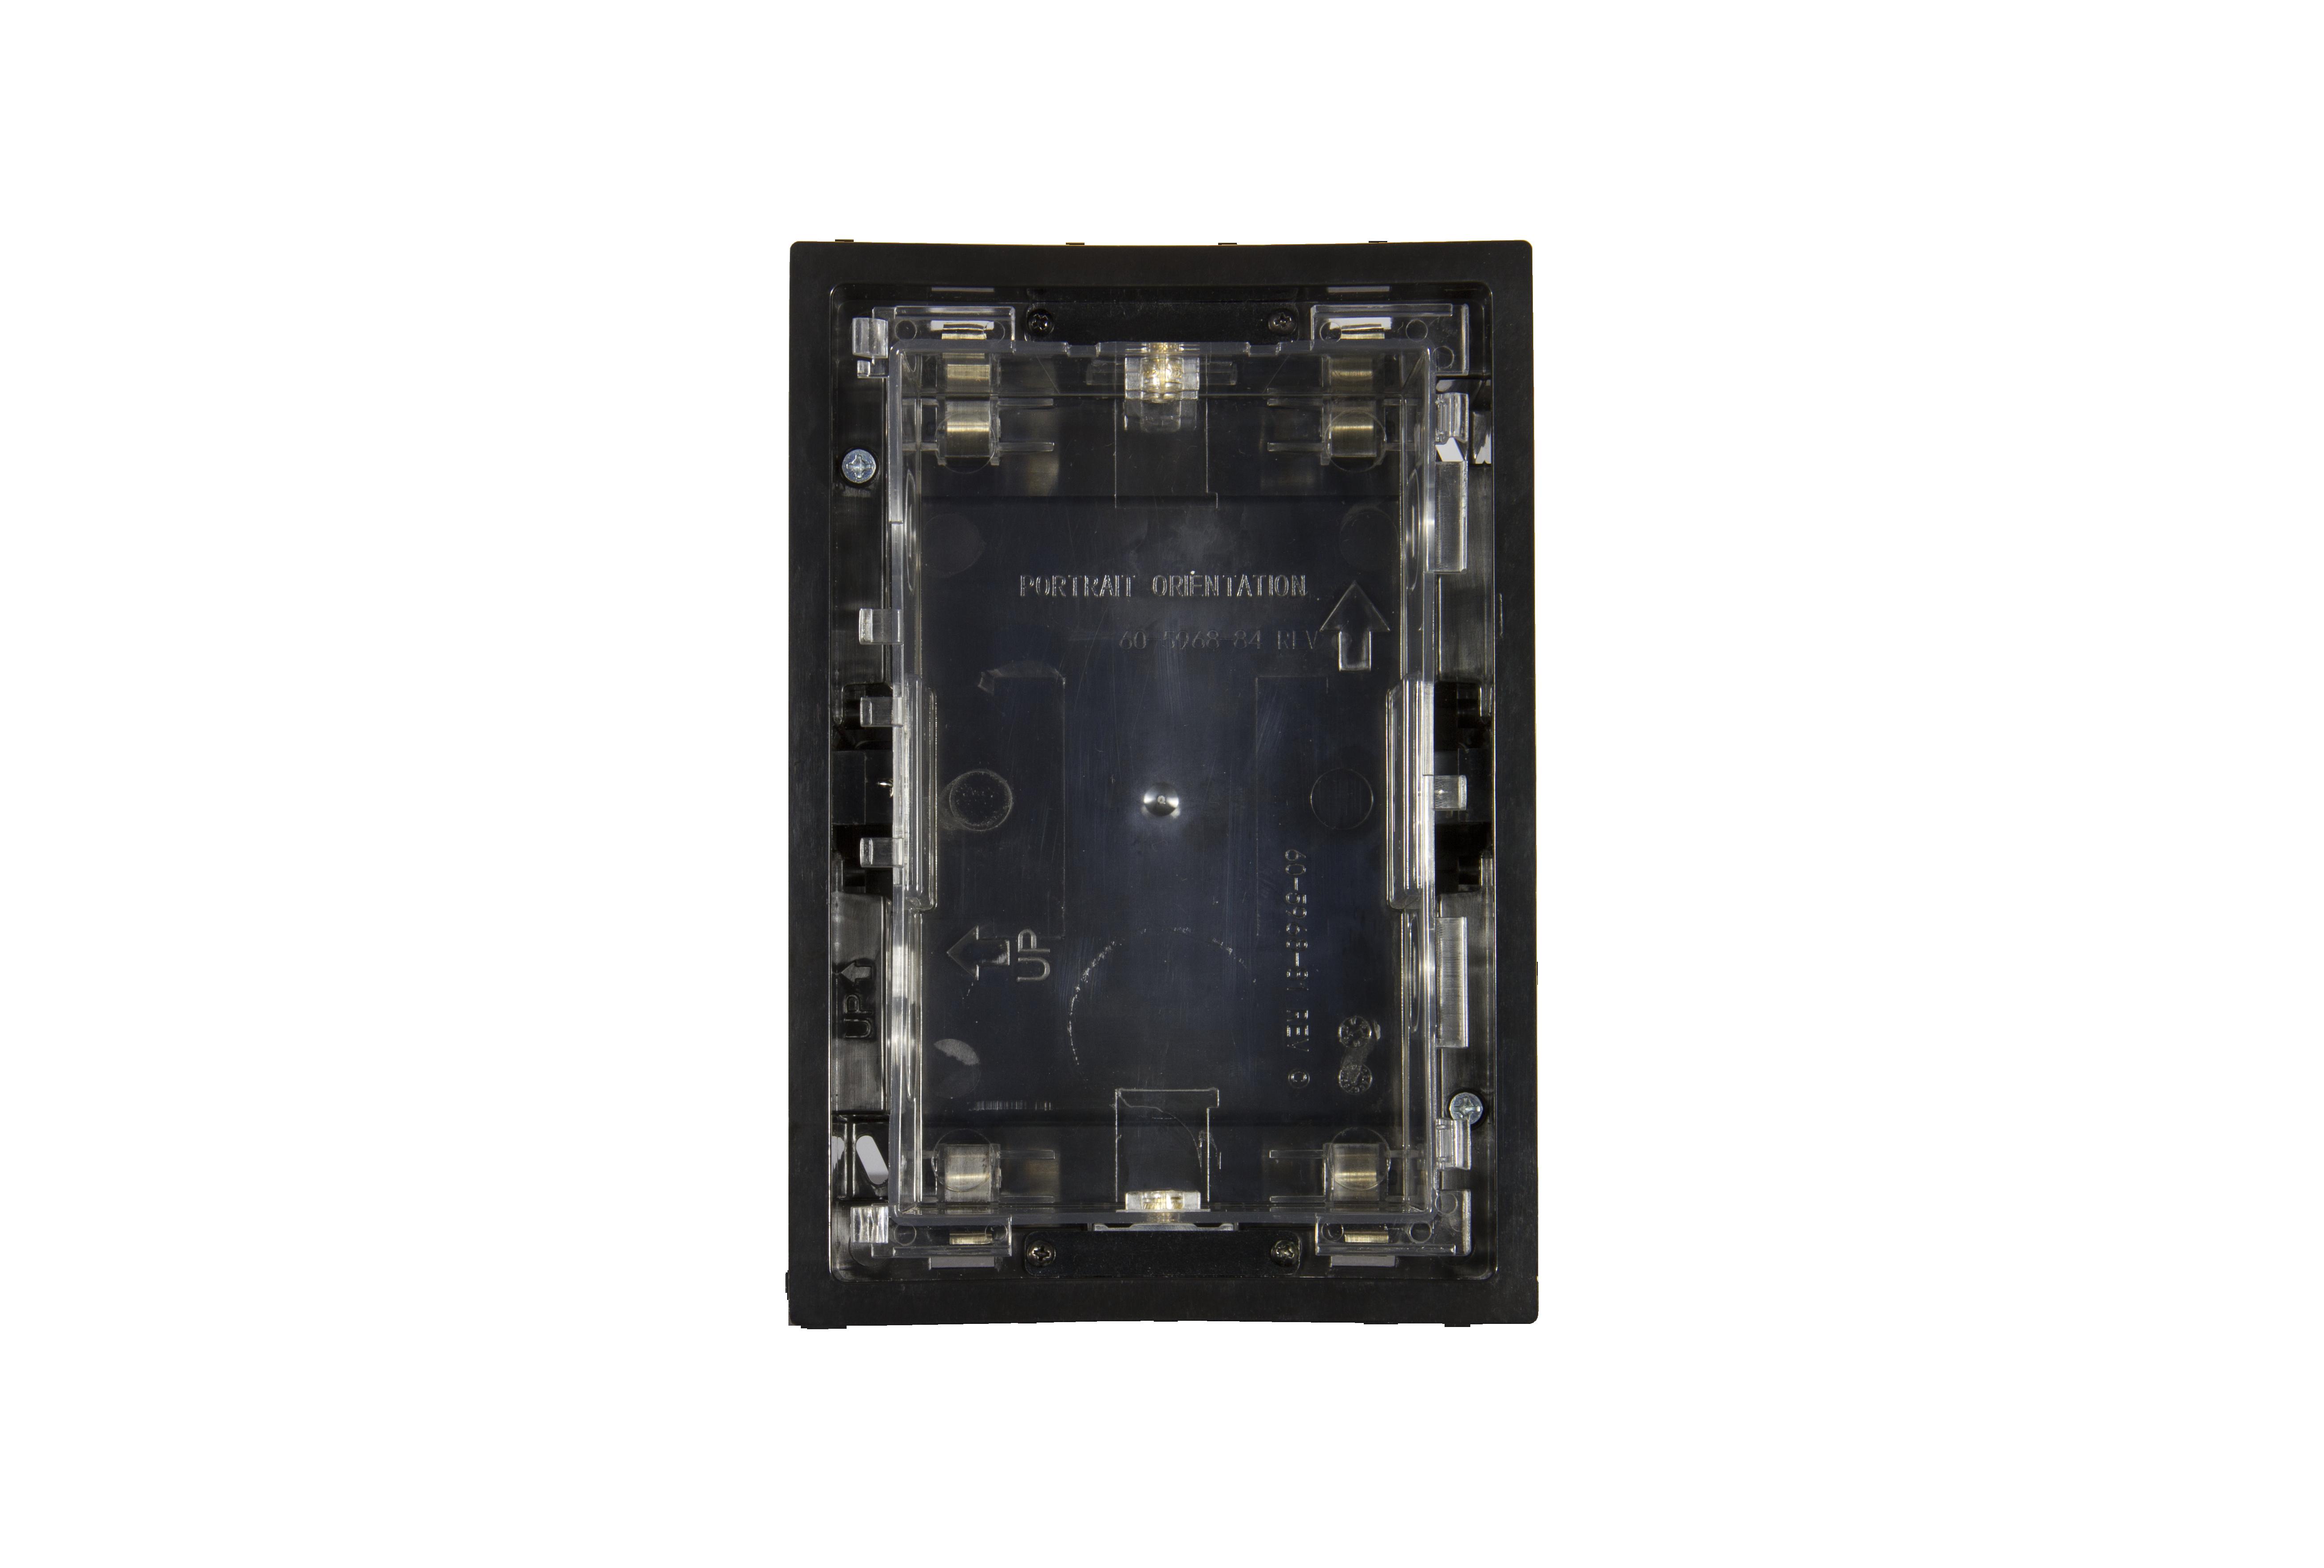 MXA-FMK-07 - Vertical Front